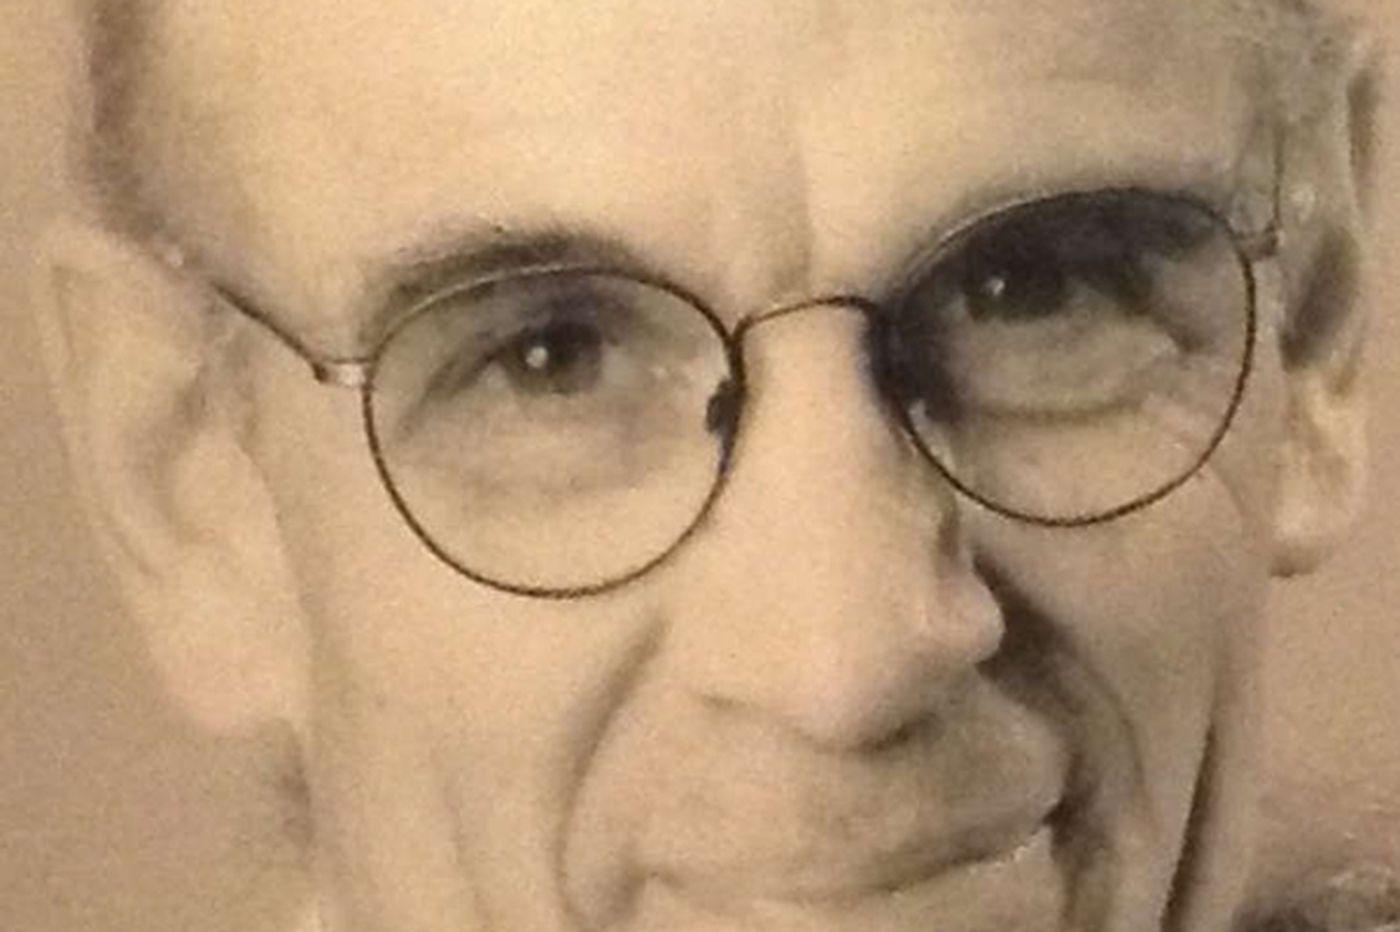 Peter H. Sellers, 84, scientist